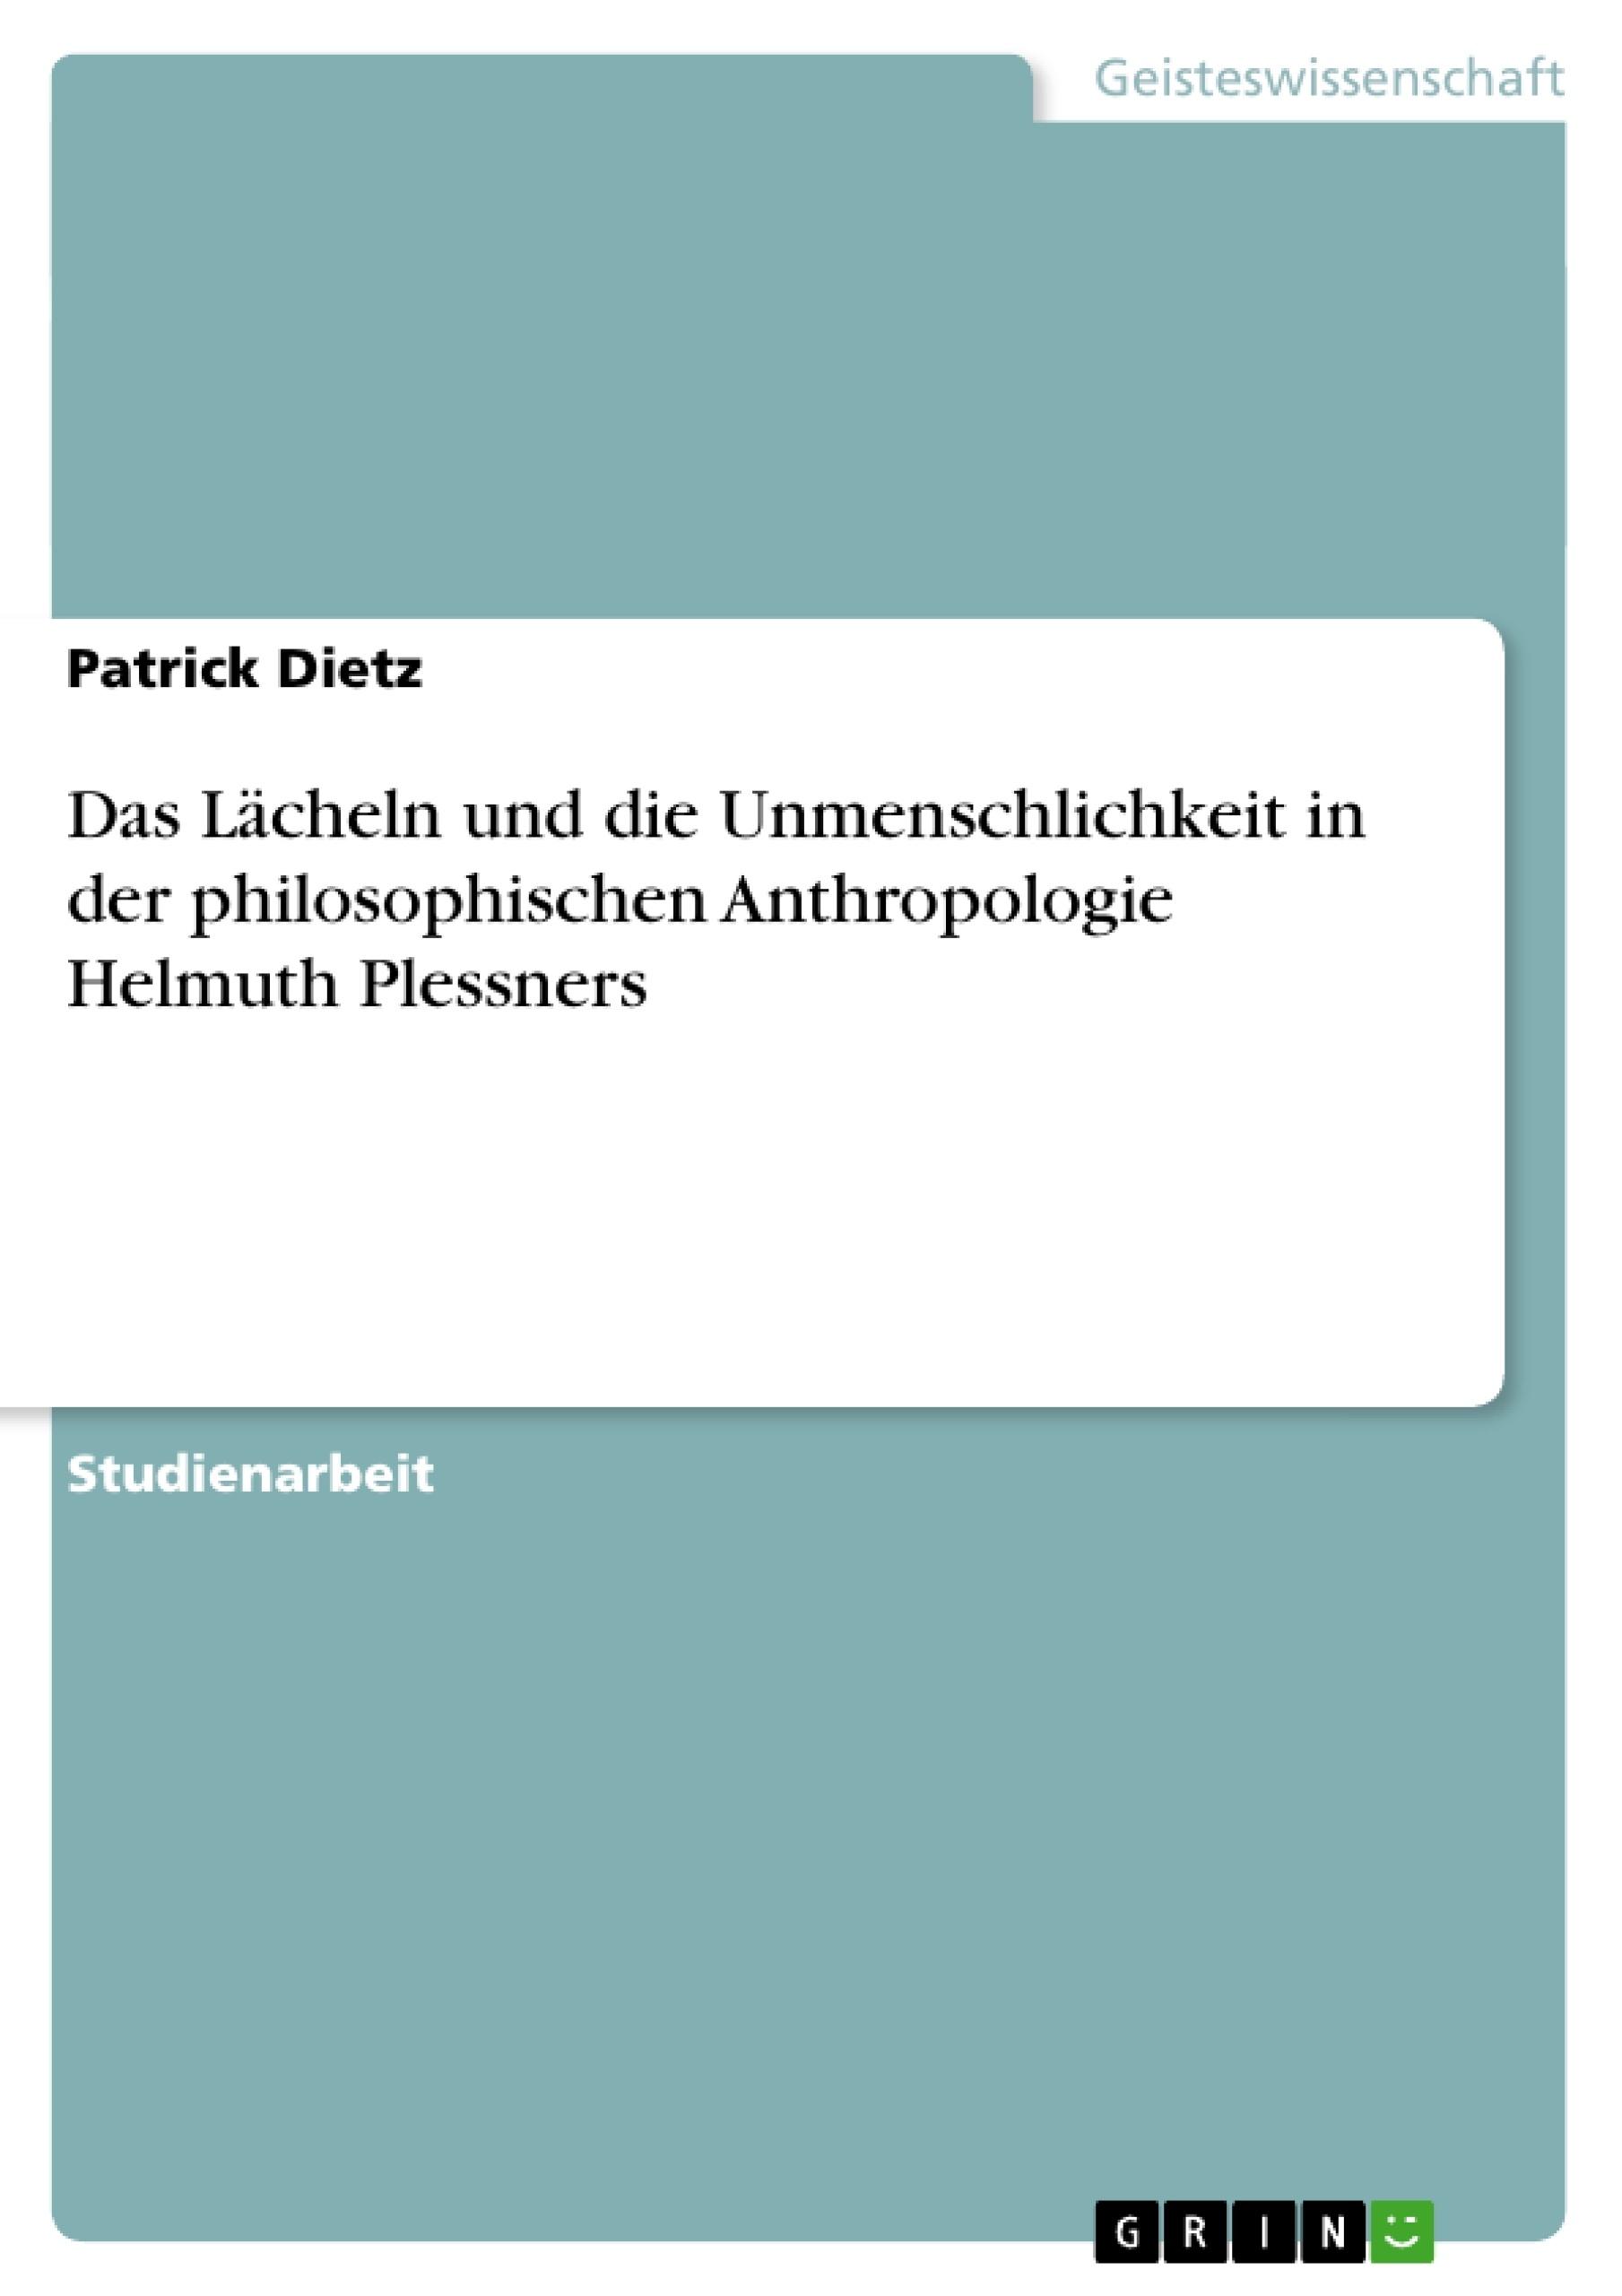 Titel: Das Lächeln und die Unmenschlichkeit in der philosophischen Anthropologie Helmuth Plessners